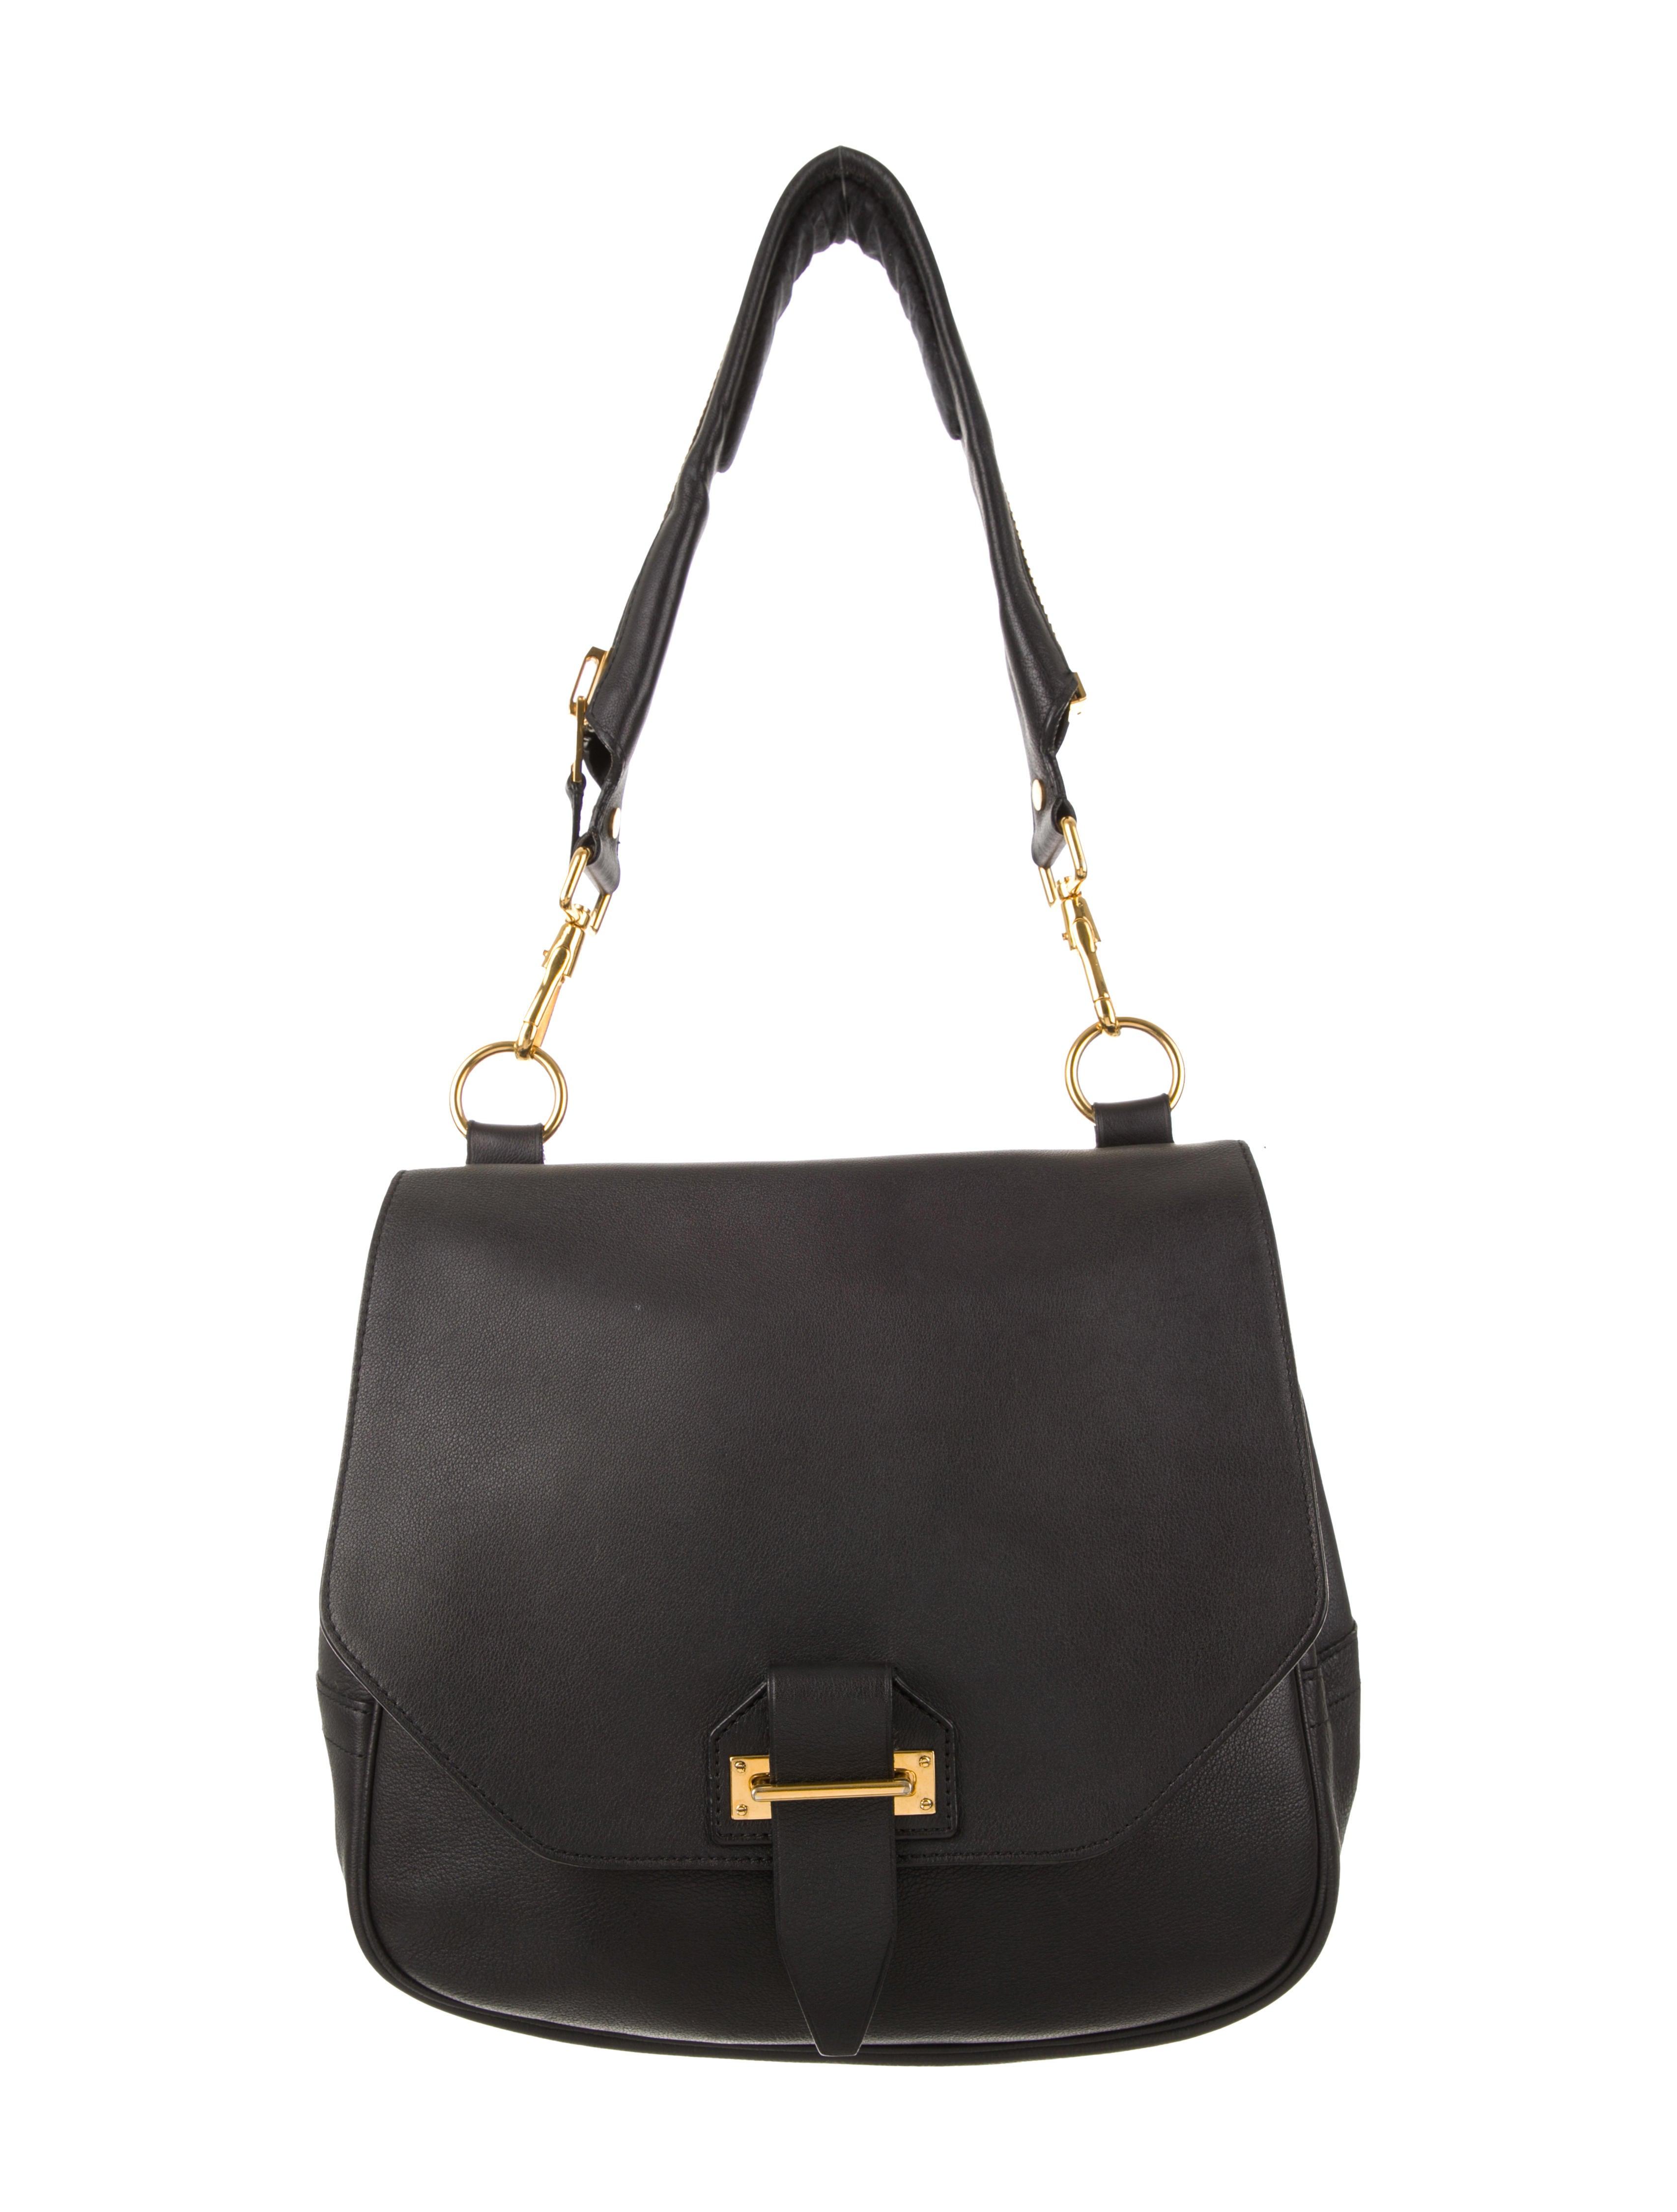 498aad3c69 Handbags | The RealReal